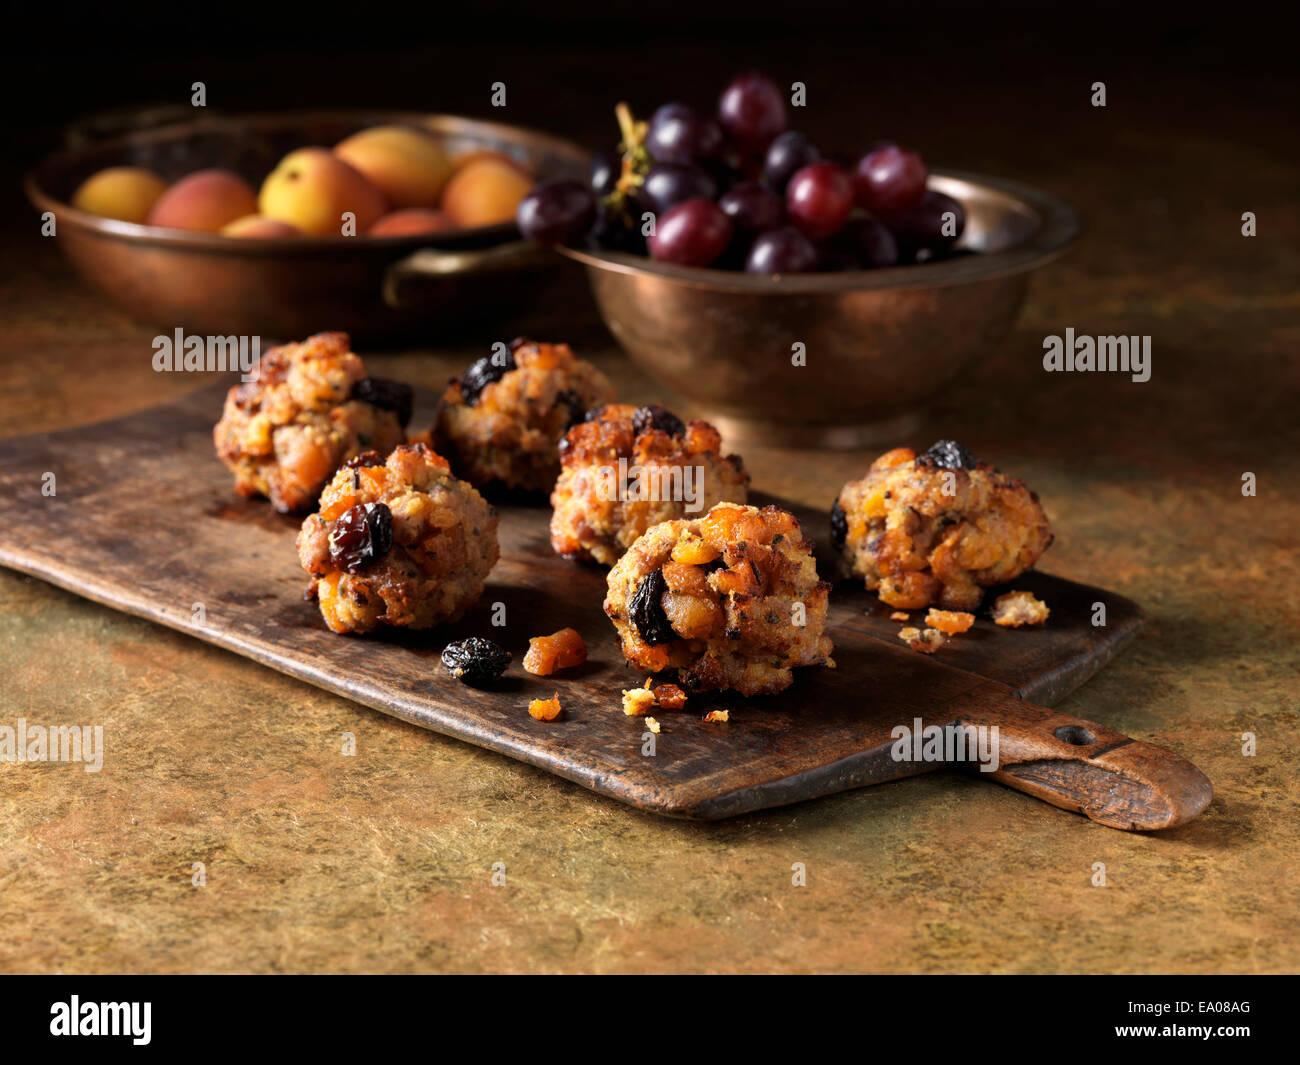 Festa di Natale ingredienti della carne di maiale, albicocca & jumbo fiammata raisin ripieno con uve a bacca Immagini Stock